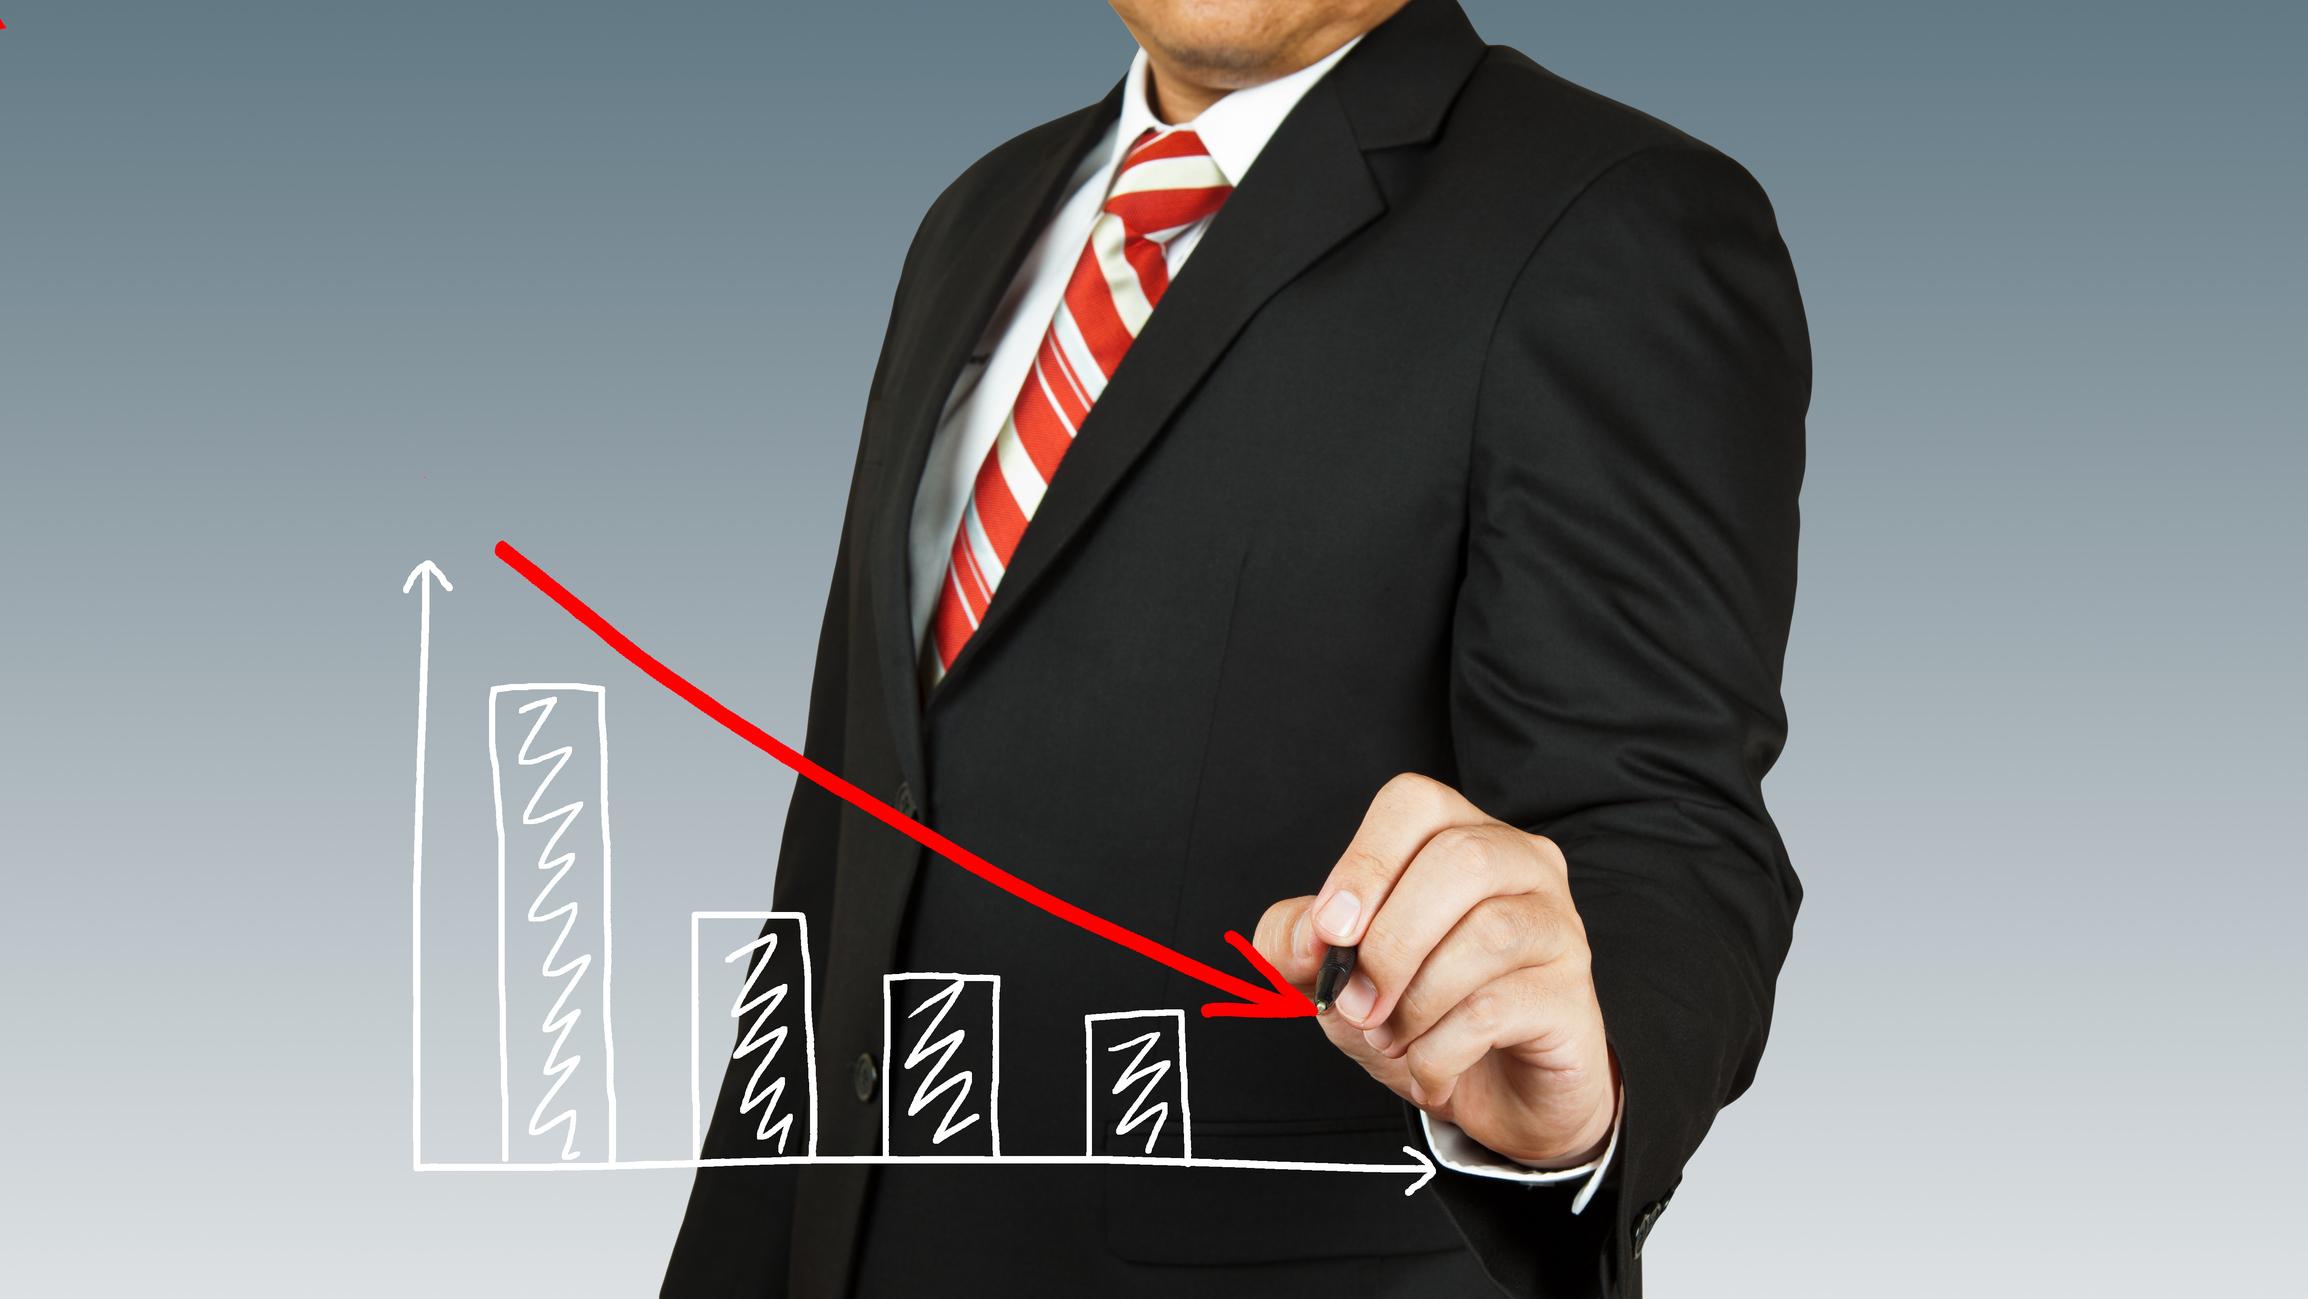 Man drawing a downward-sloping chart.